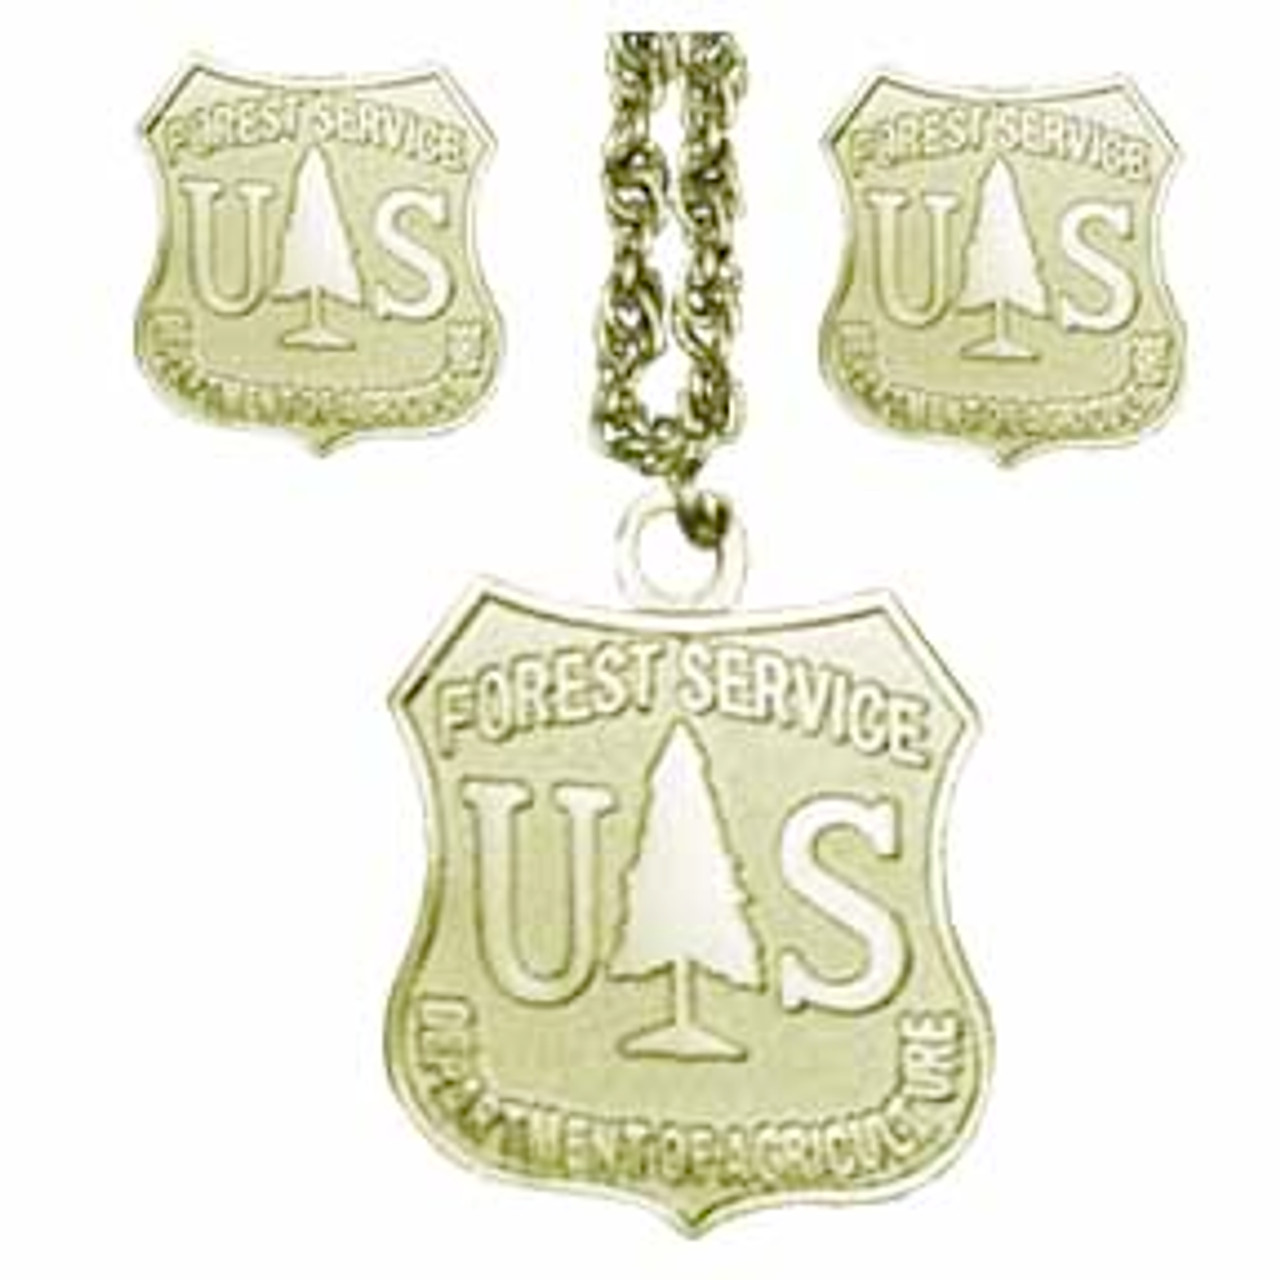 FS Earring & Necklace Set